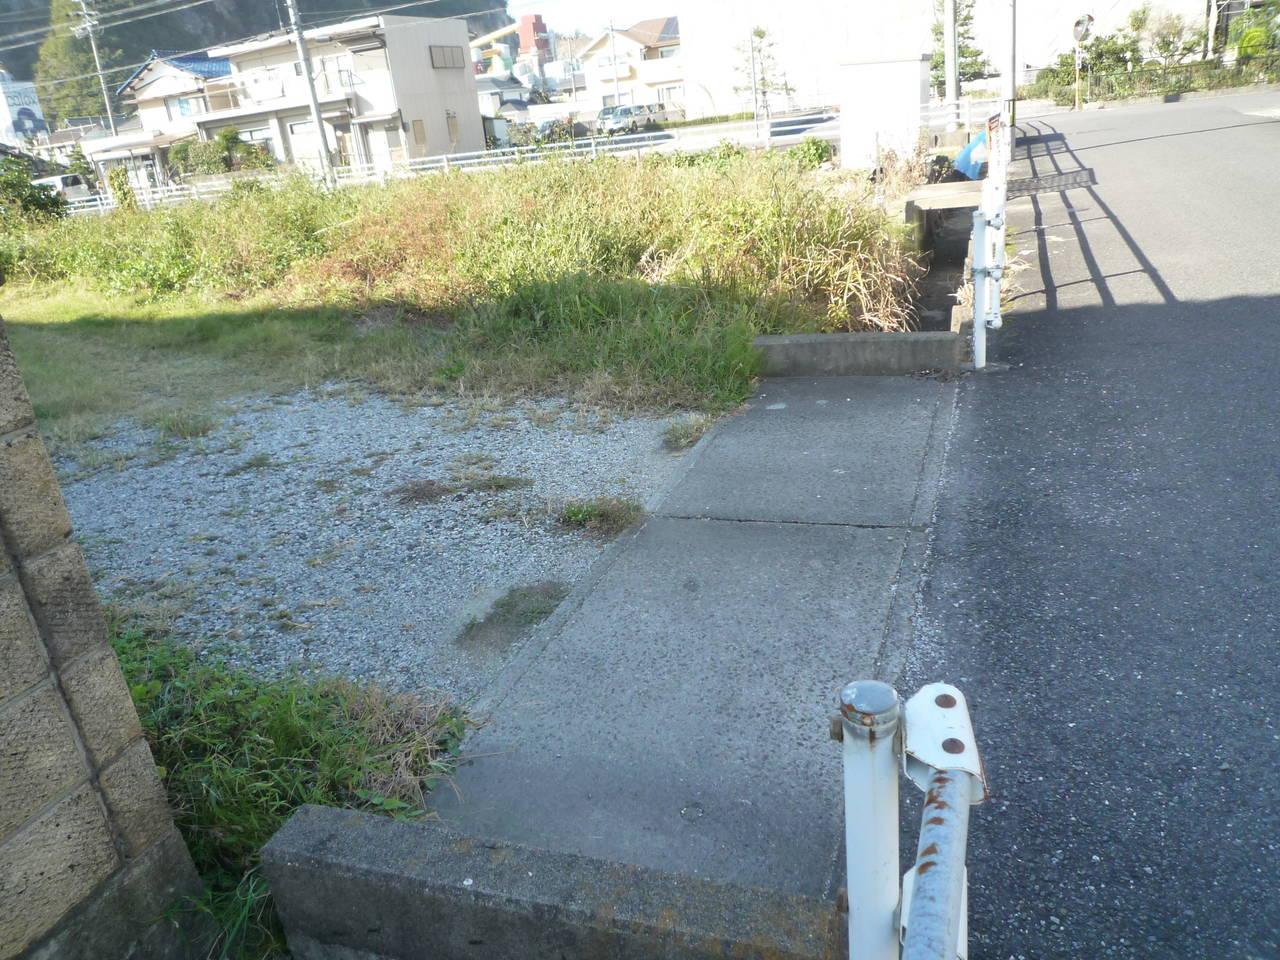 物件東側水路橋撮影